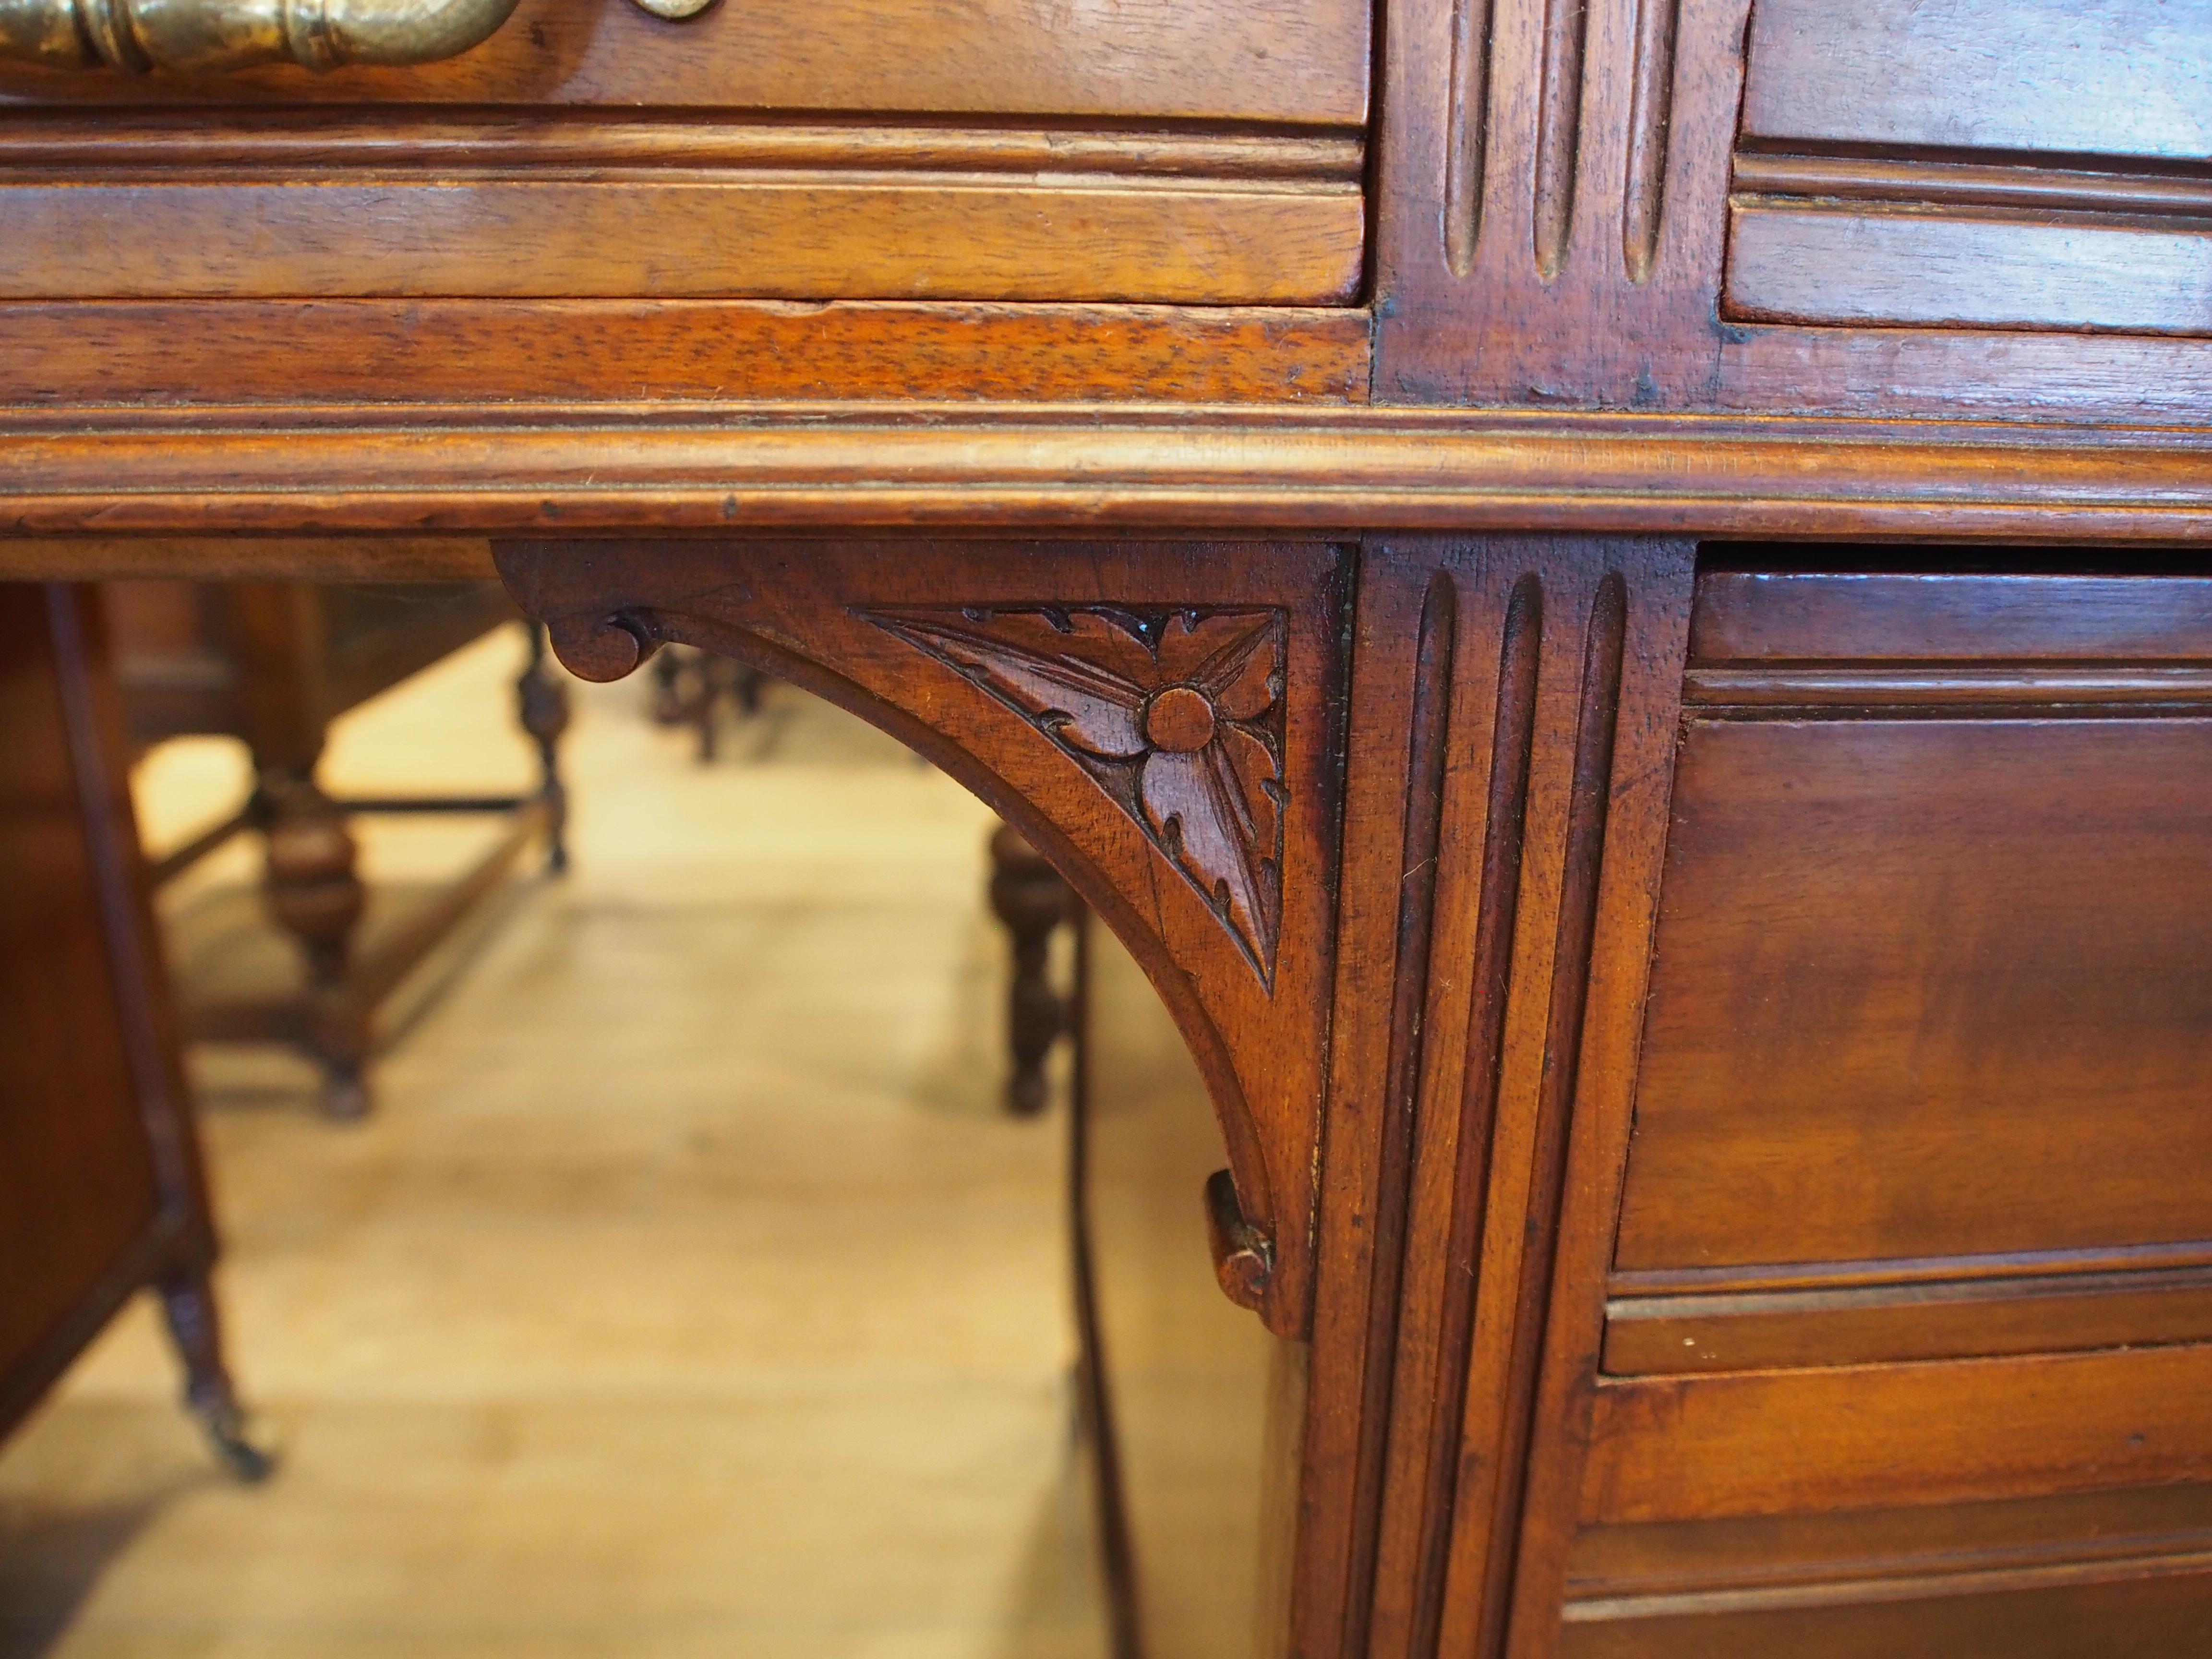 アンティーク家具 デスク パソコンデスク 机 マホガニー ビンテージ家具 メイプル社 イギリスアンティーク